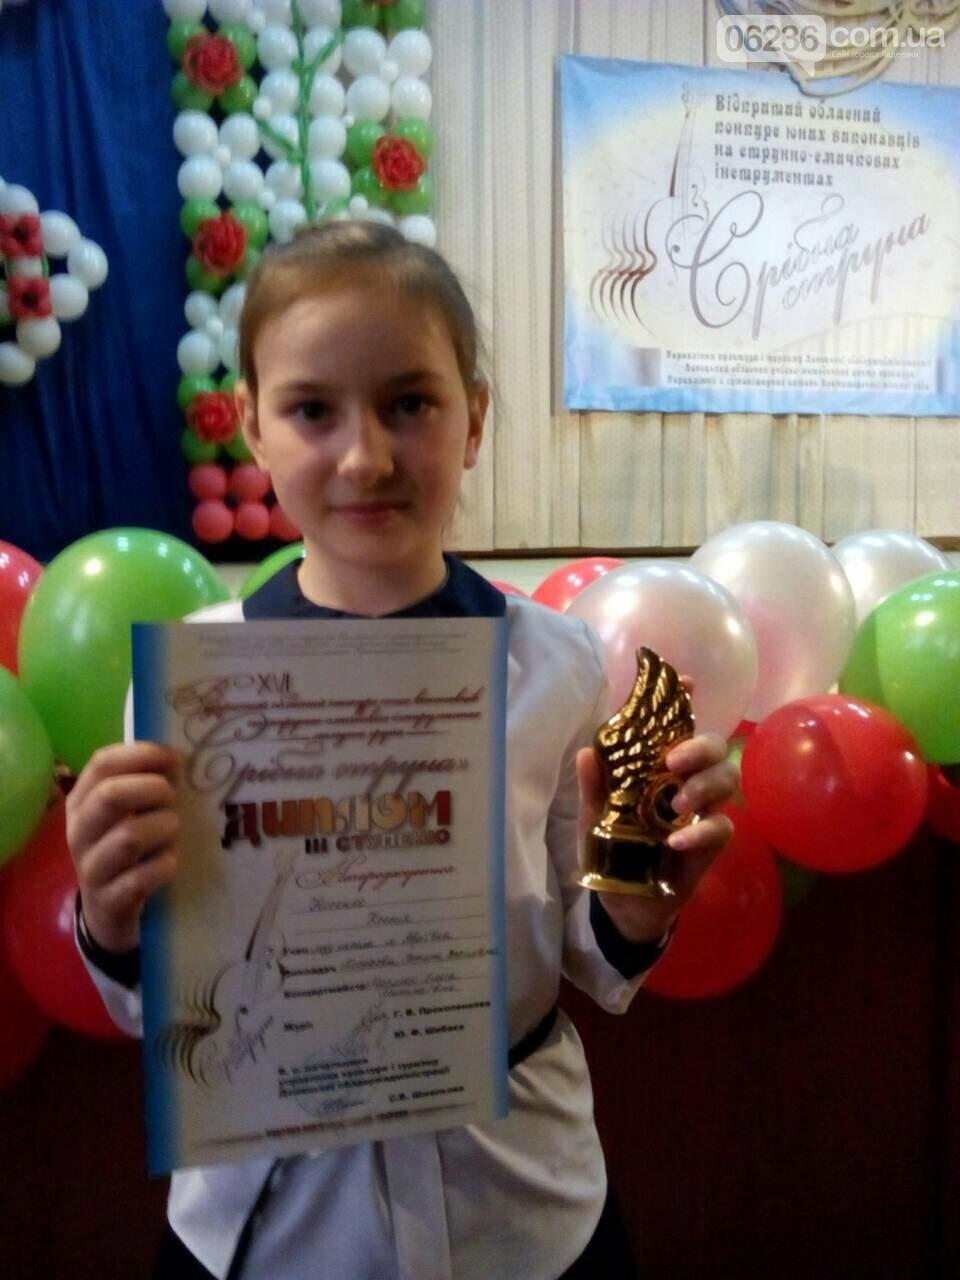 Авдеевские музыканты стали лучшими на конкурсе «Серебряная струна» (ФОТО), фото-4